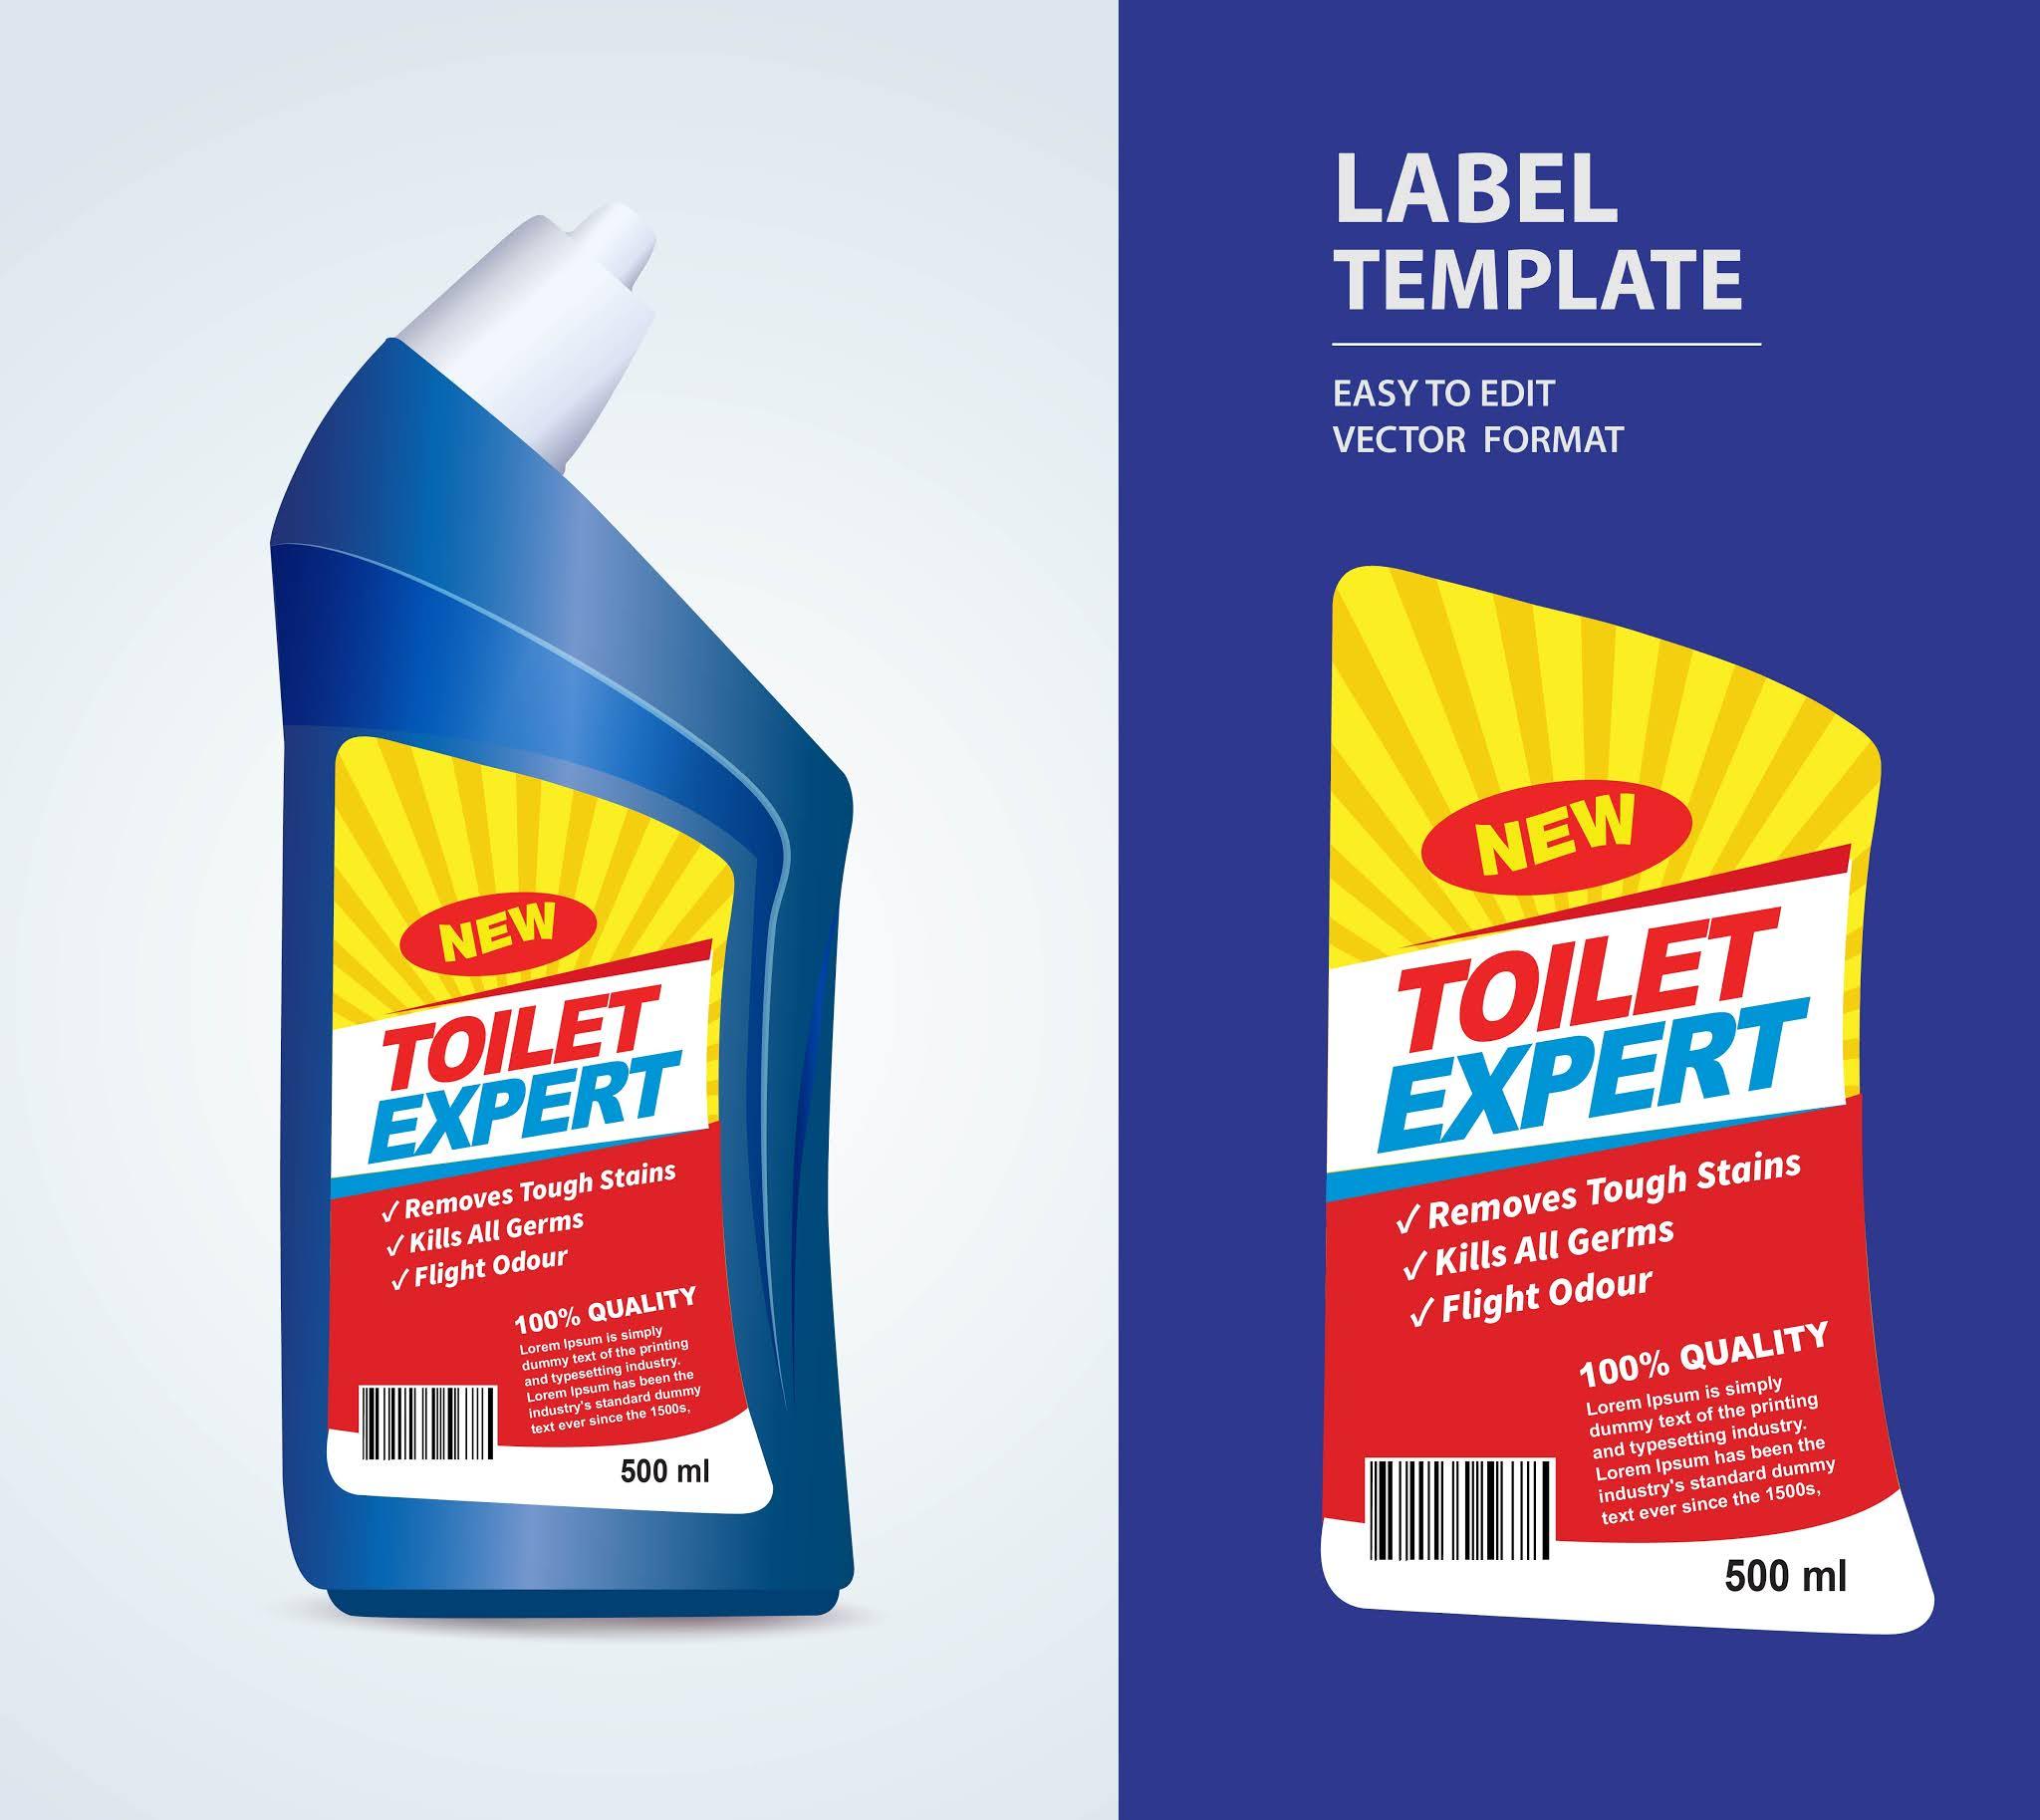 تصميمات منتجات منظفات استيكر منتجات تنظيف بصيغة فيكتور eps